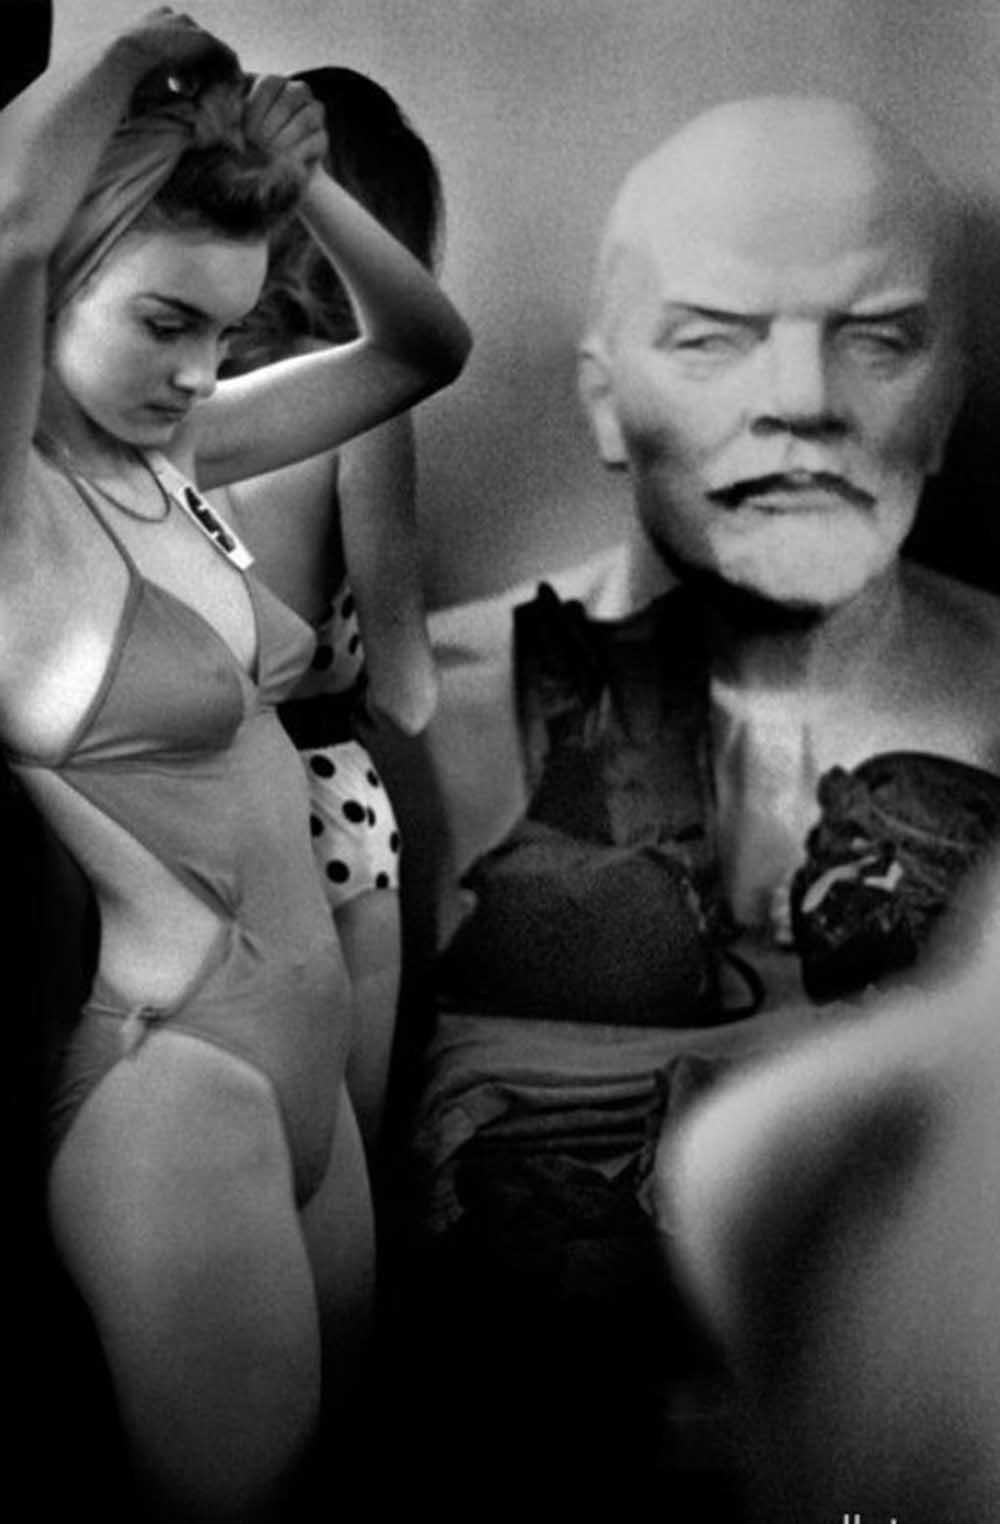 Primeiro concurso de beleza da União Soviética em 1988 14